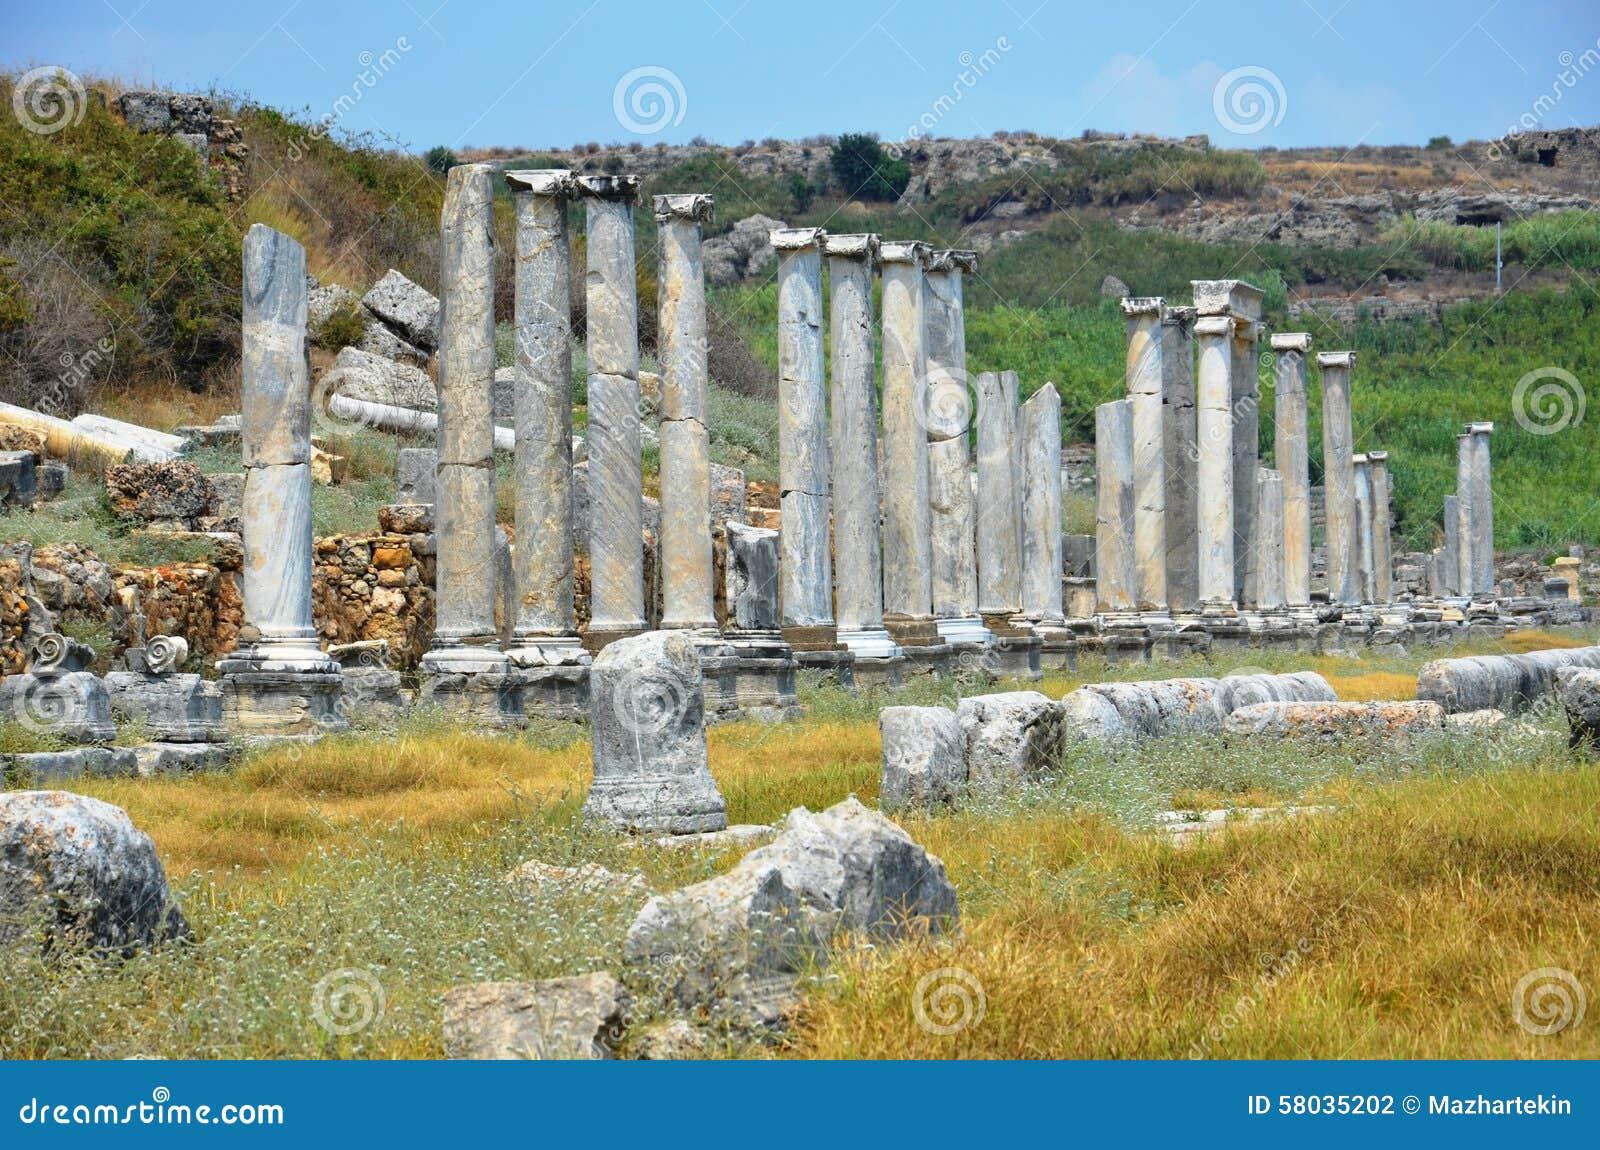 Ciudad antigua de Antalya Perge, el ágora, el imperio romano antiguo, espacio vital, pilares espectaculares e historia